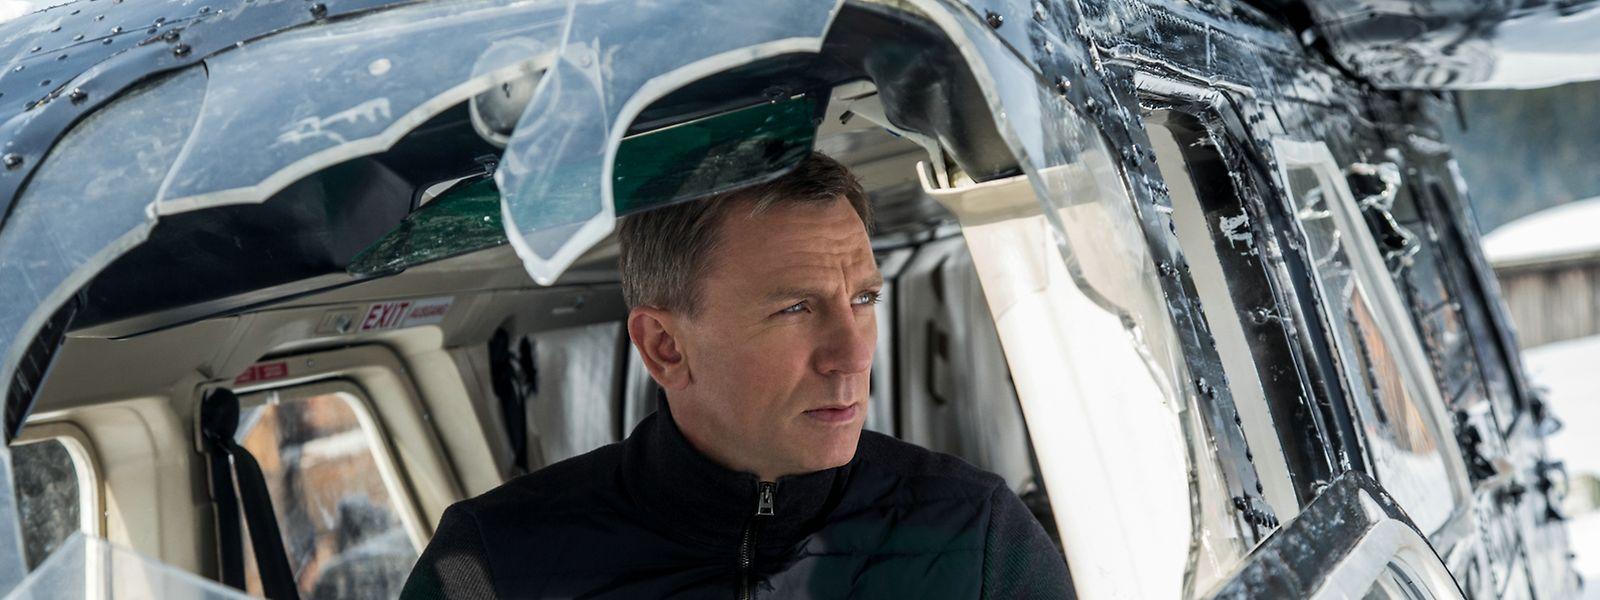 Des Kinozuschauers liebster Agent ist wieder zurück auf der Leinwand: Daniel Craig als James Bond.